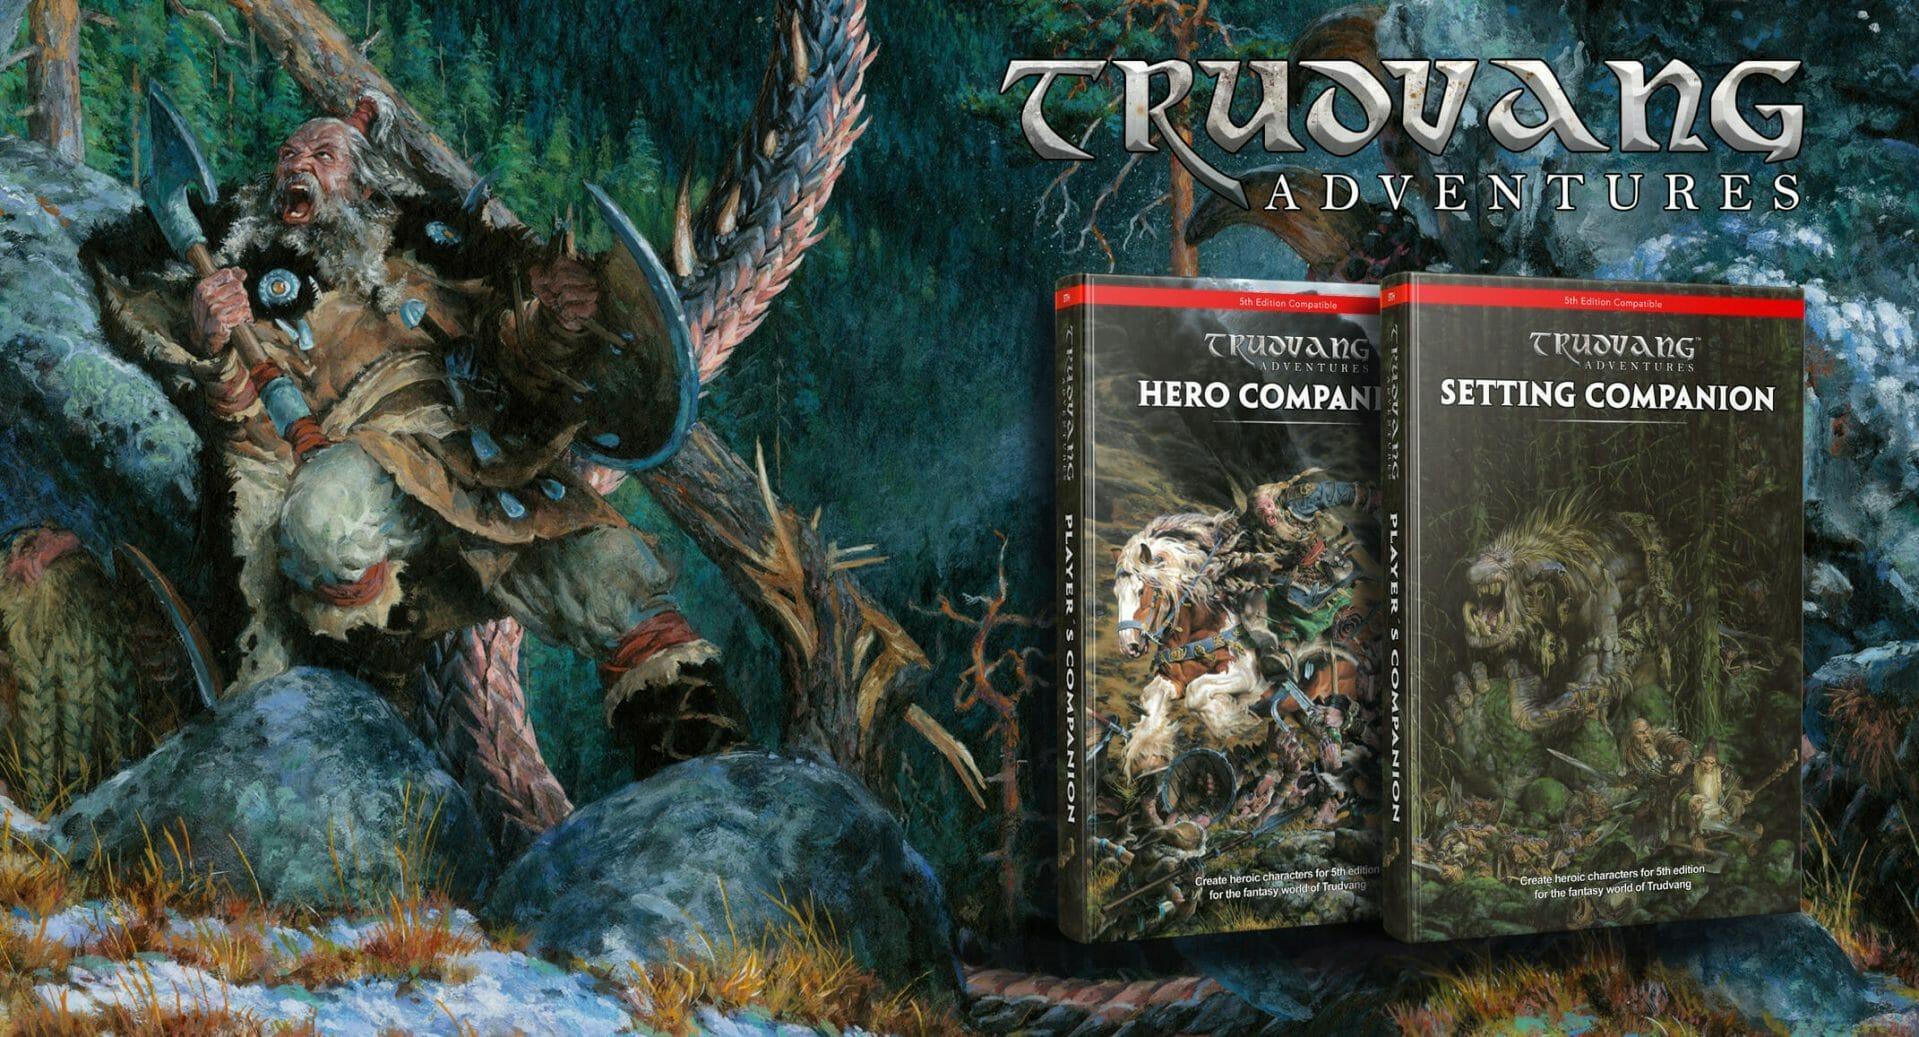 Trudvang Adventures